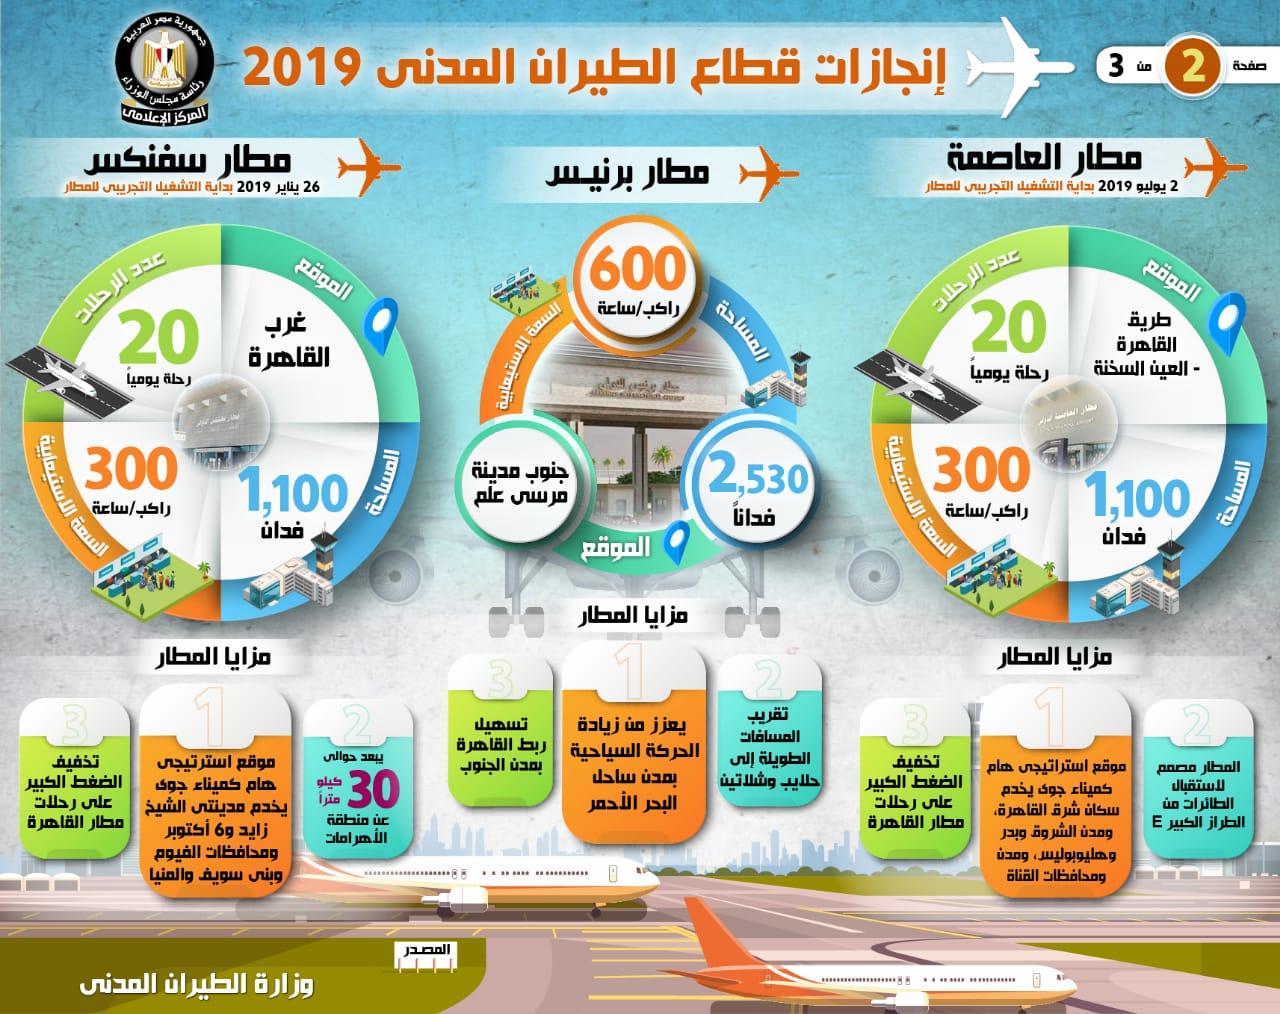 انجازات قطاع الطيران المدنى 2019 (1)